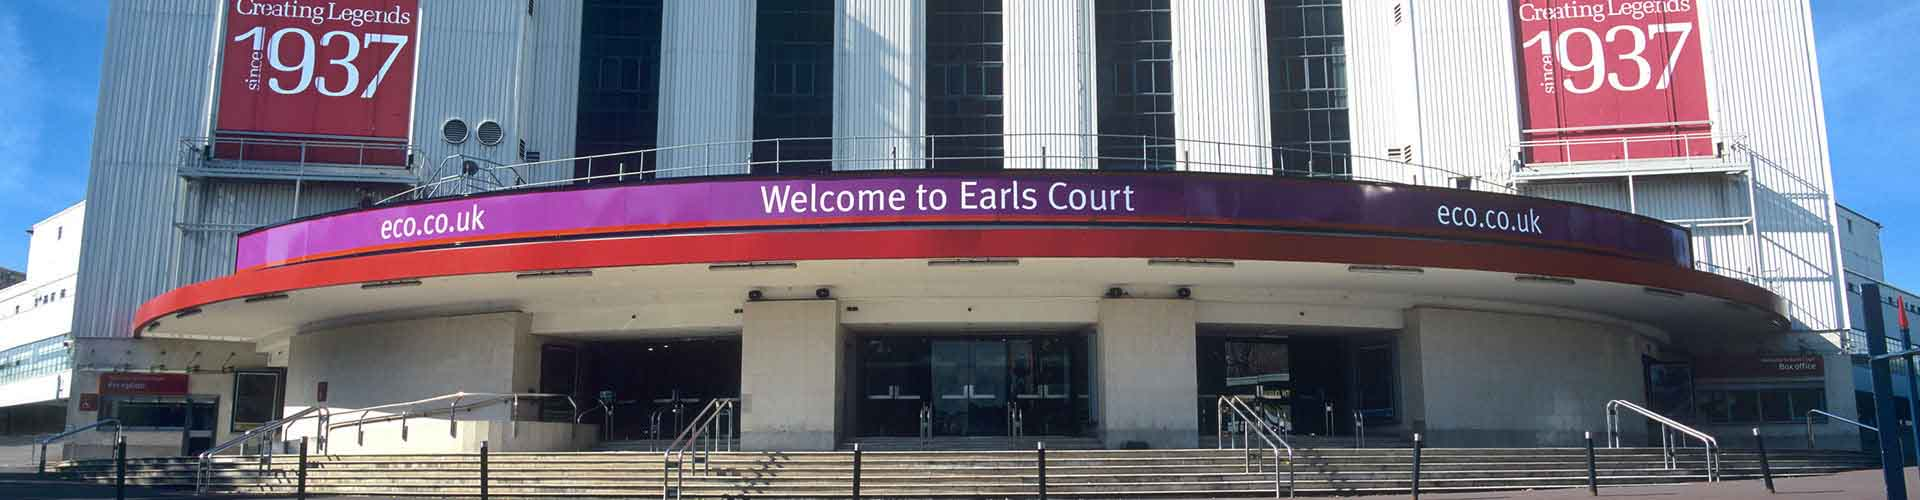 伦敦 – Earls Court区的青年旅馆。伦敦 地图,伦敦 每间青年旅馆的照片和评分。